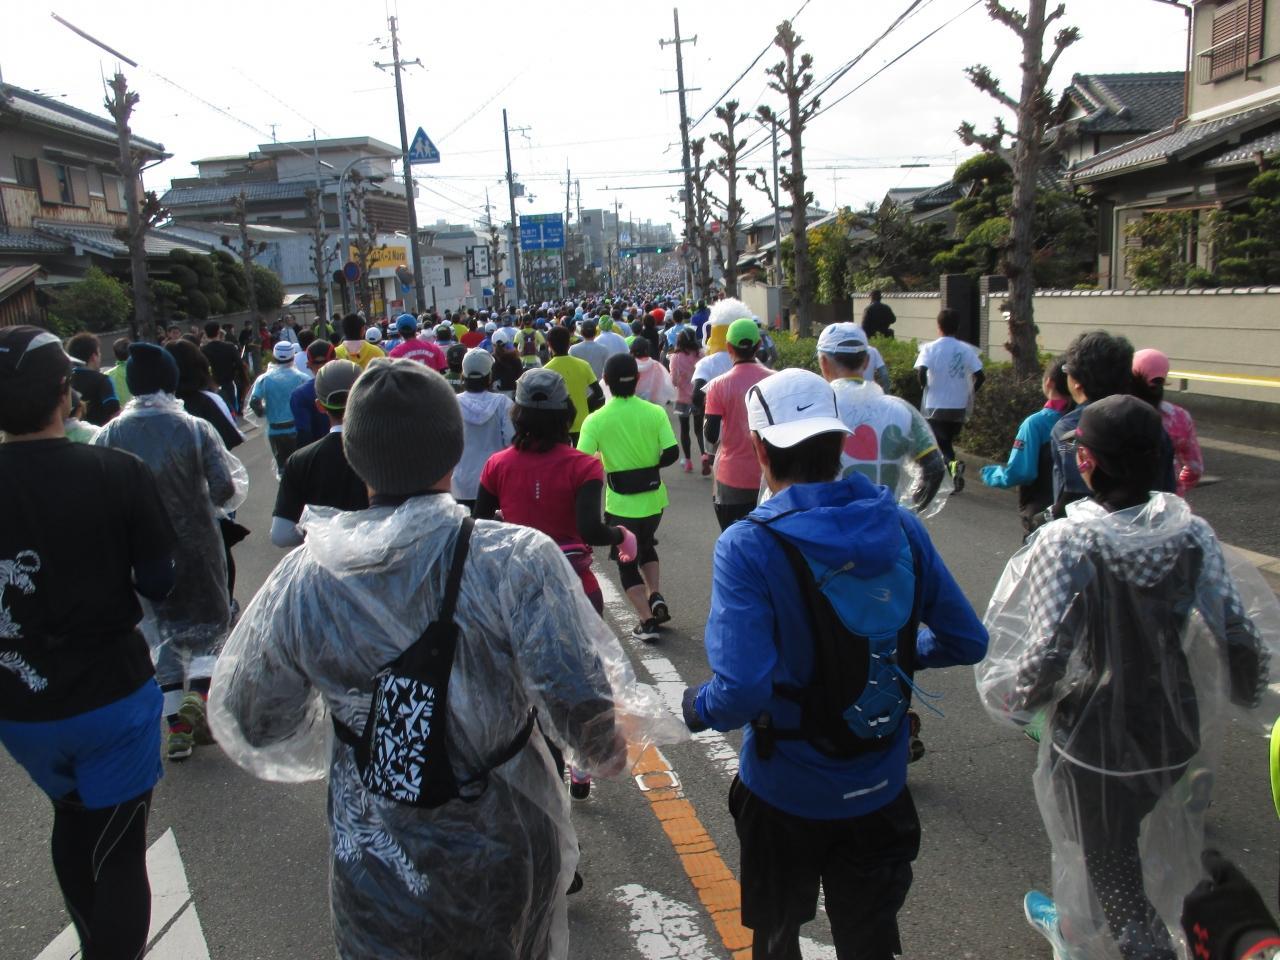 奈良マラソン2017奮戦記 大会当日+近鉄奈良駅周辺散策